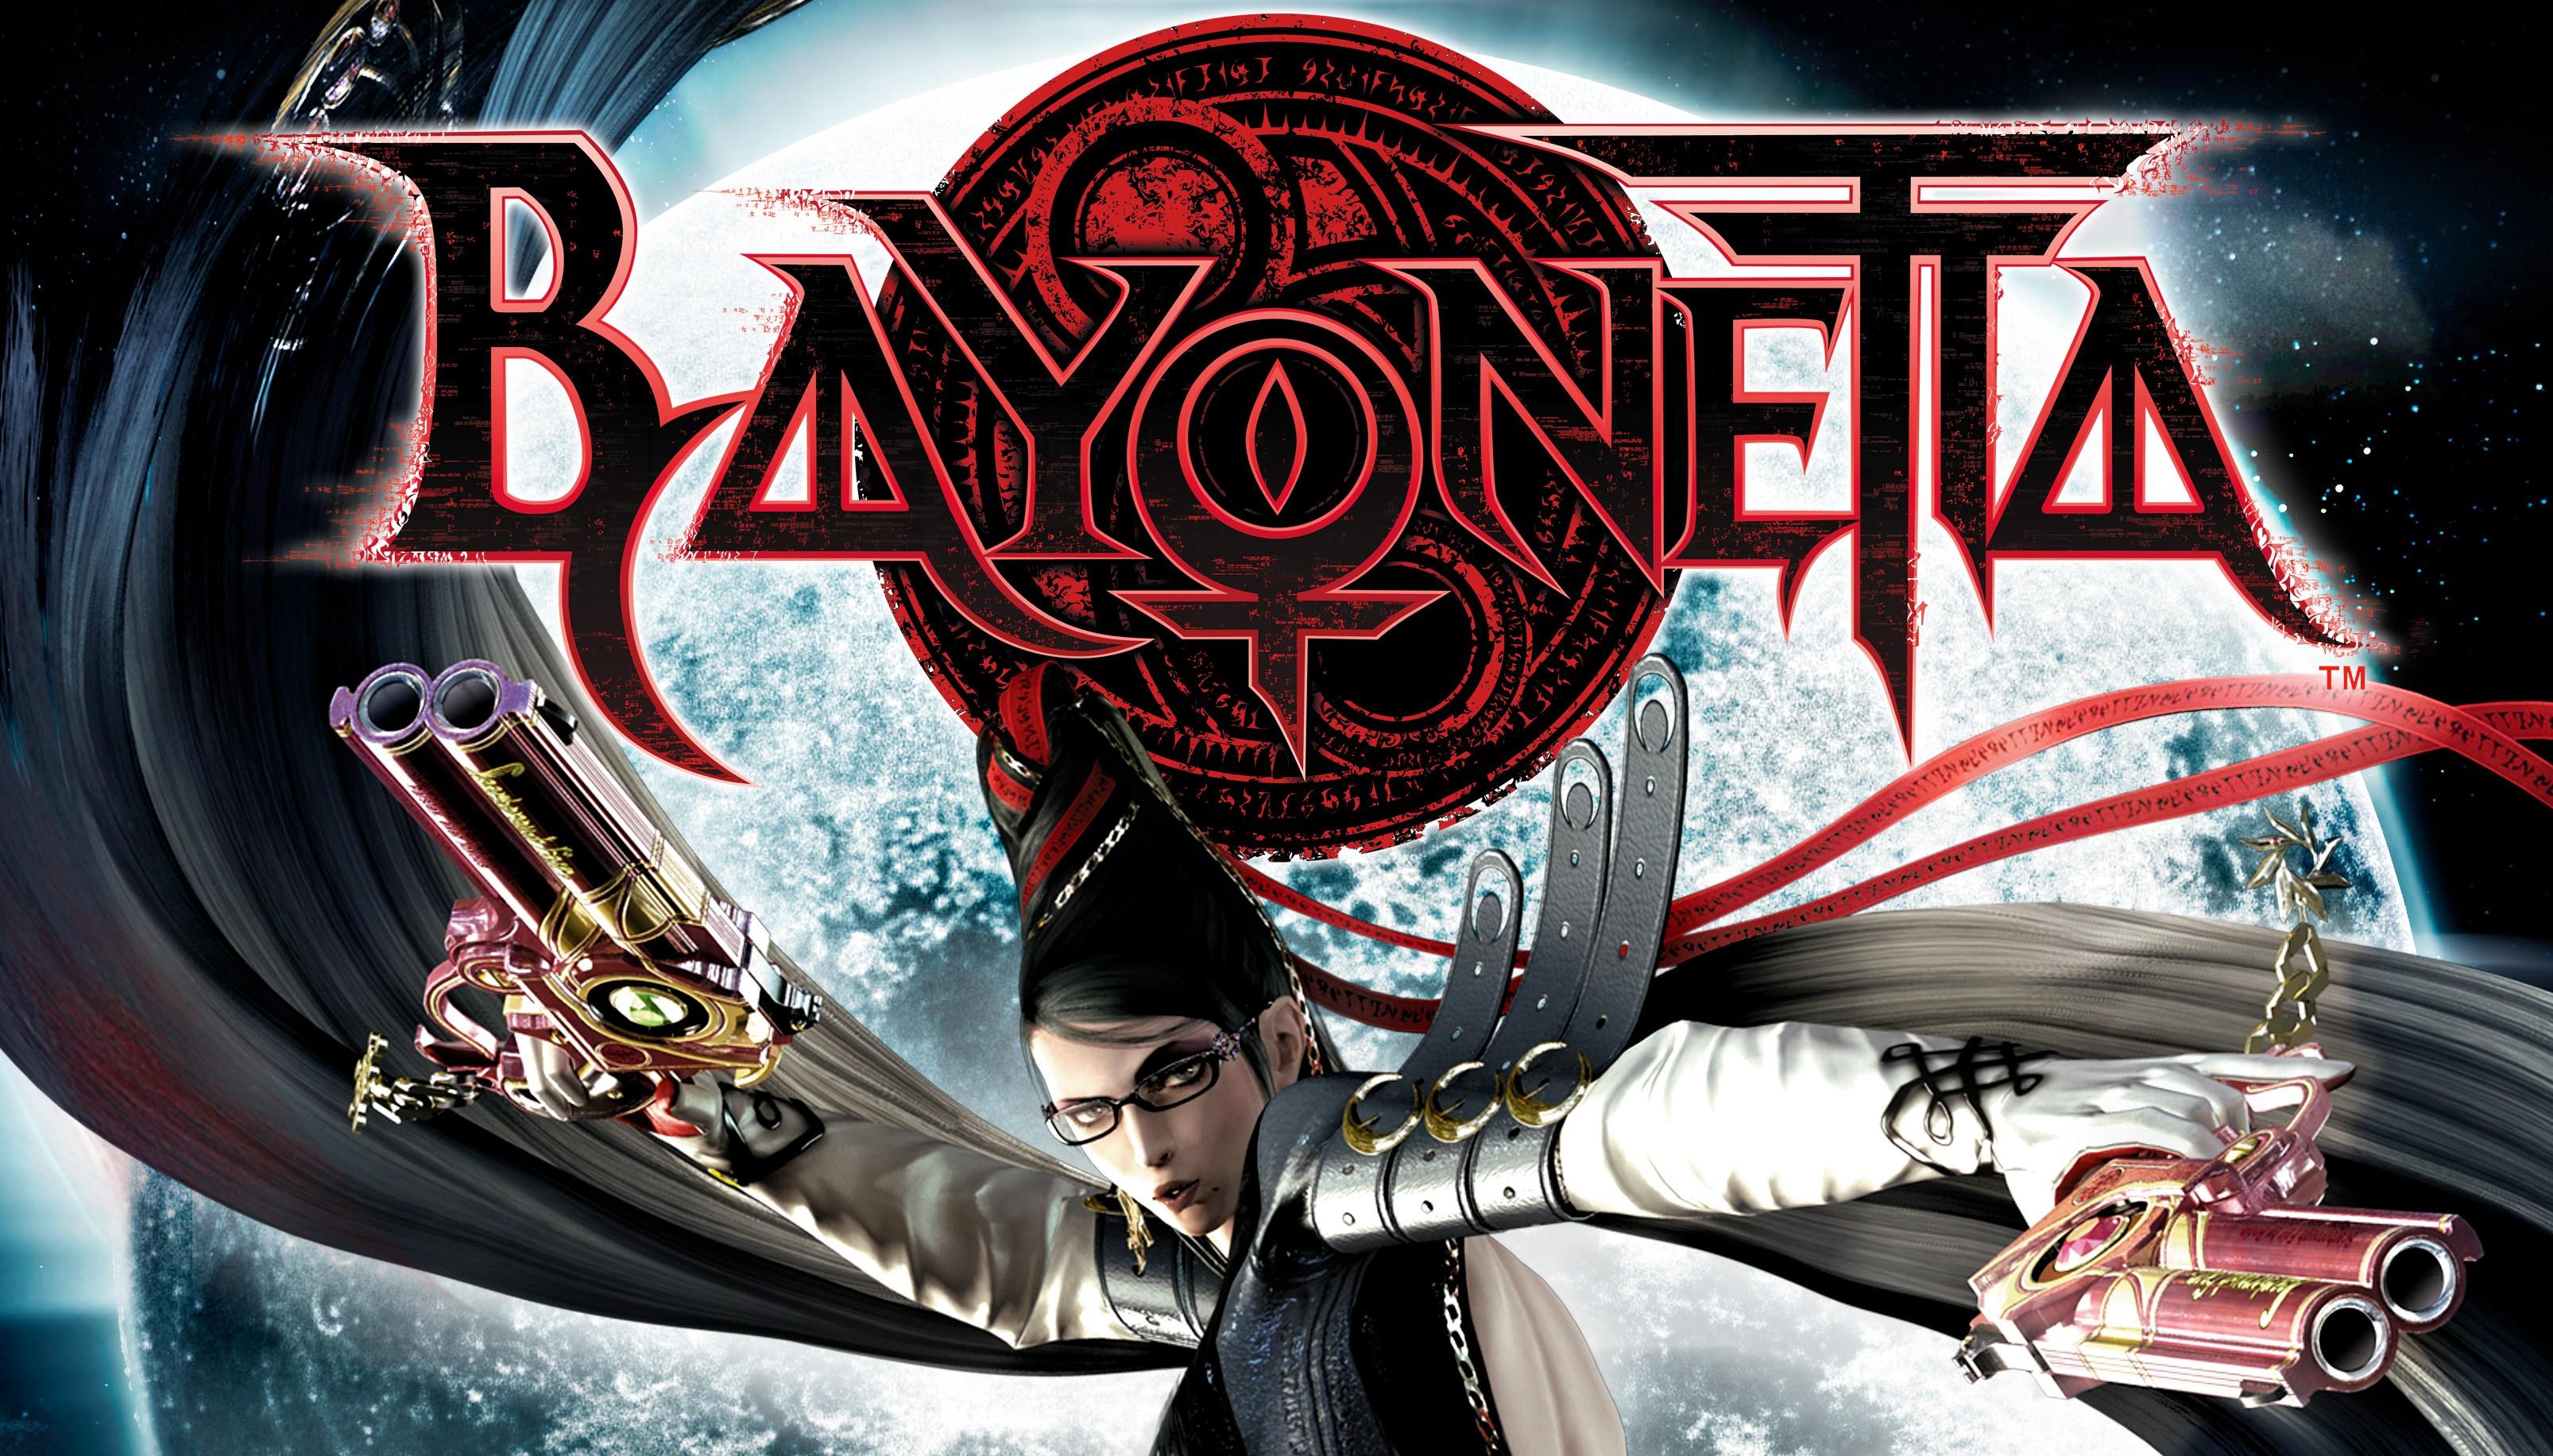 عنوان Bayonetta را تنها با قیمت ۵ دلار از استیم دریافت کنید